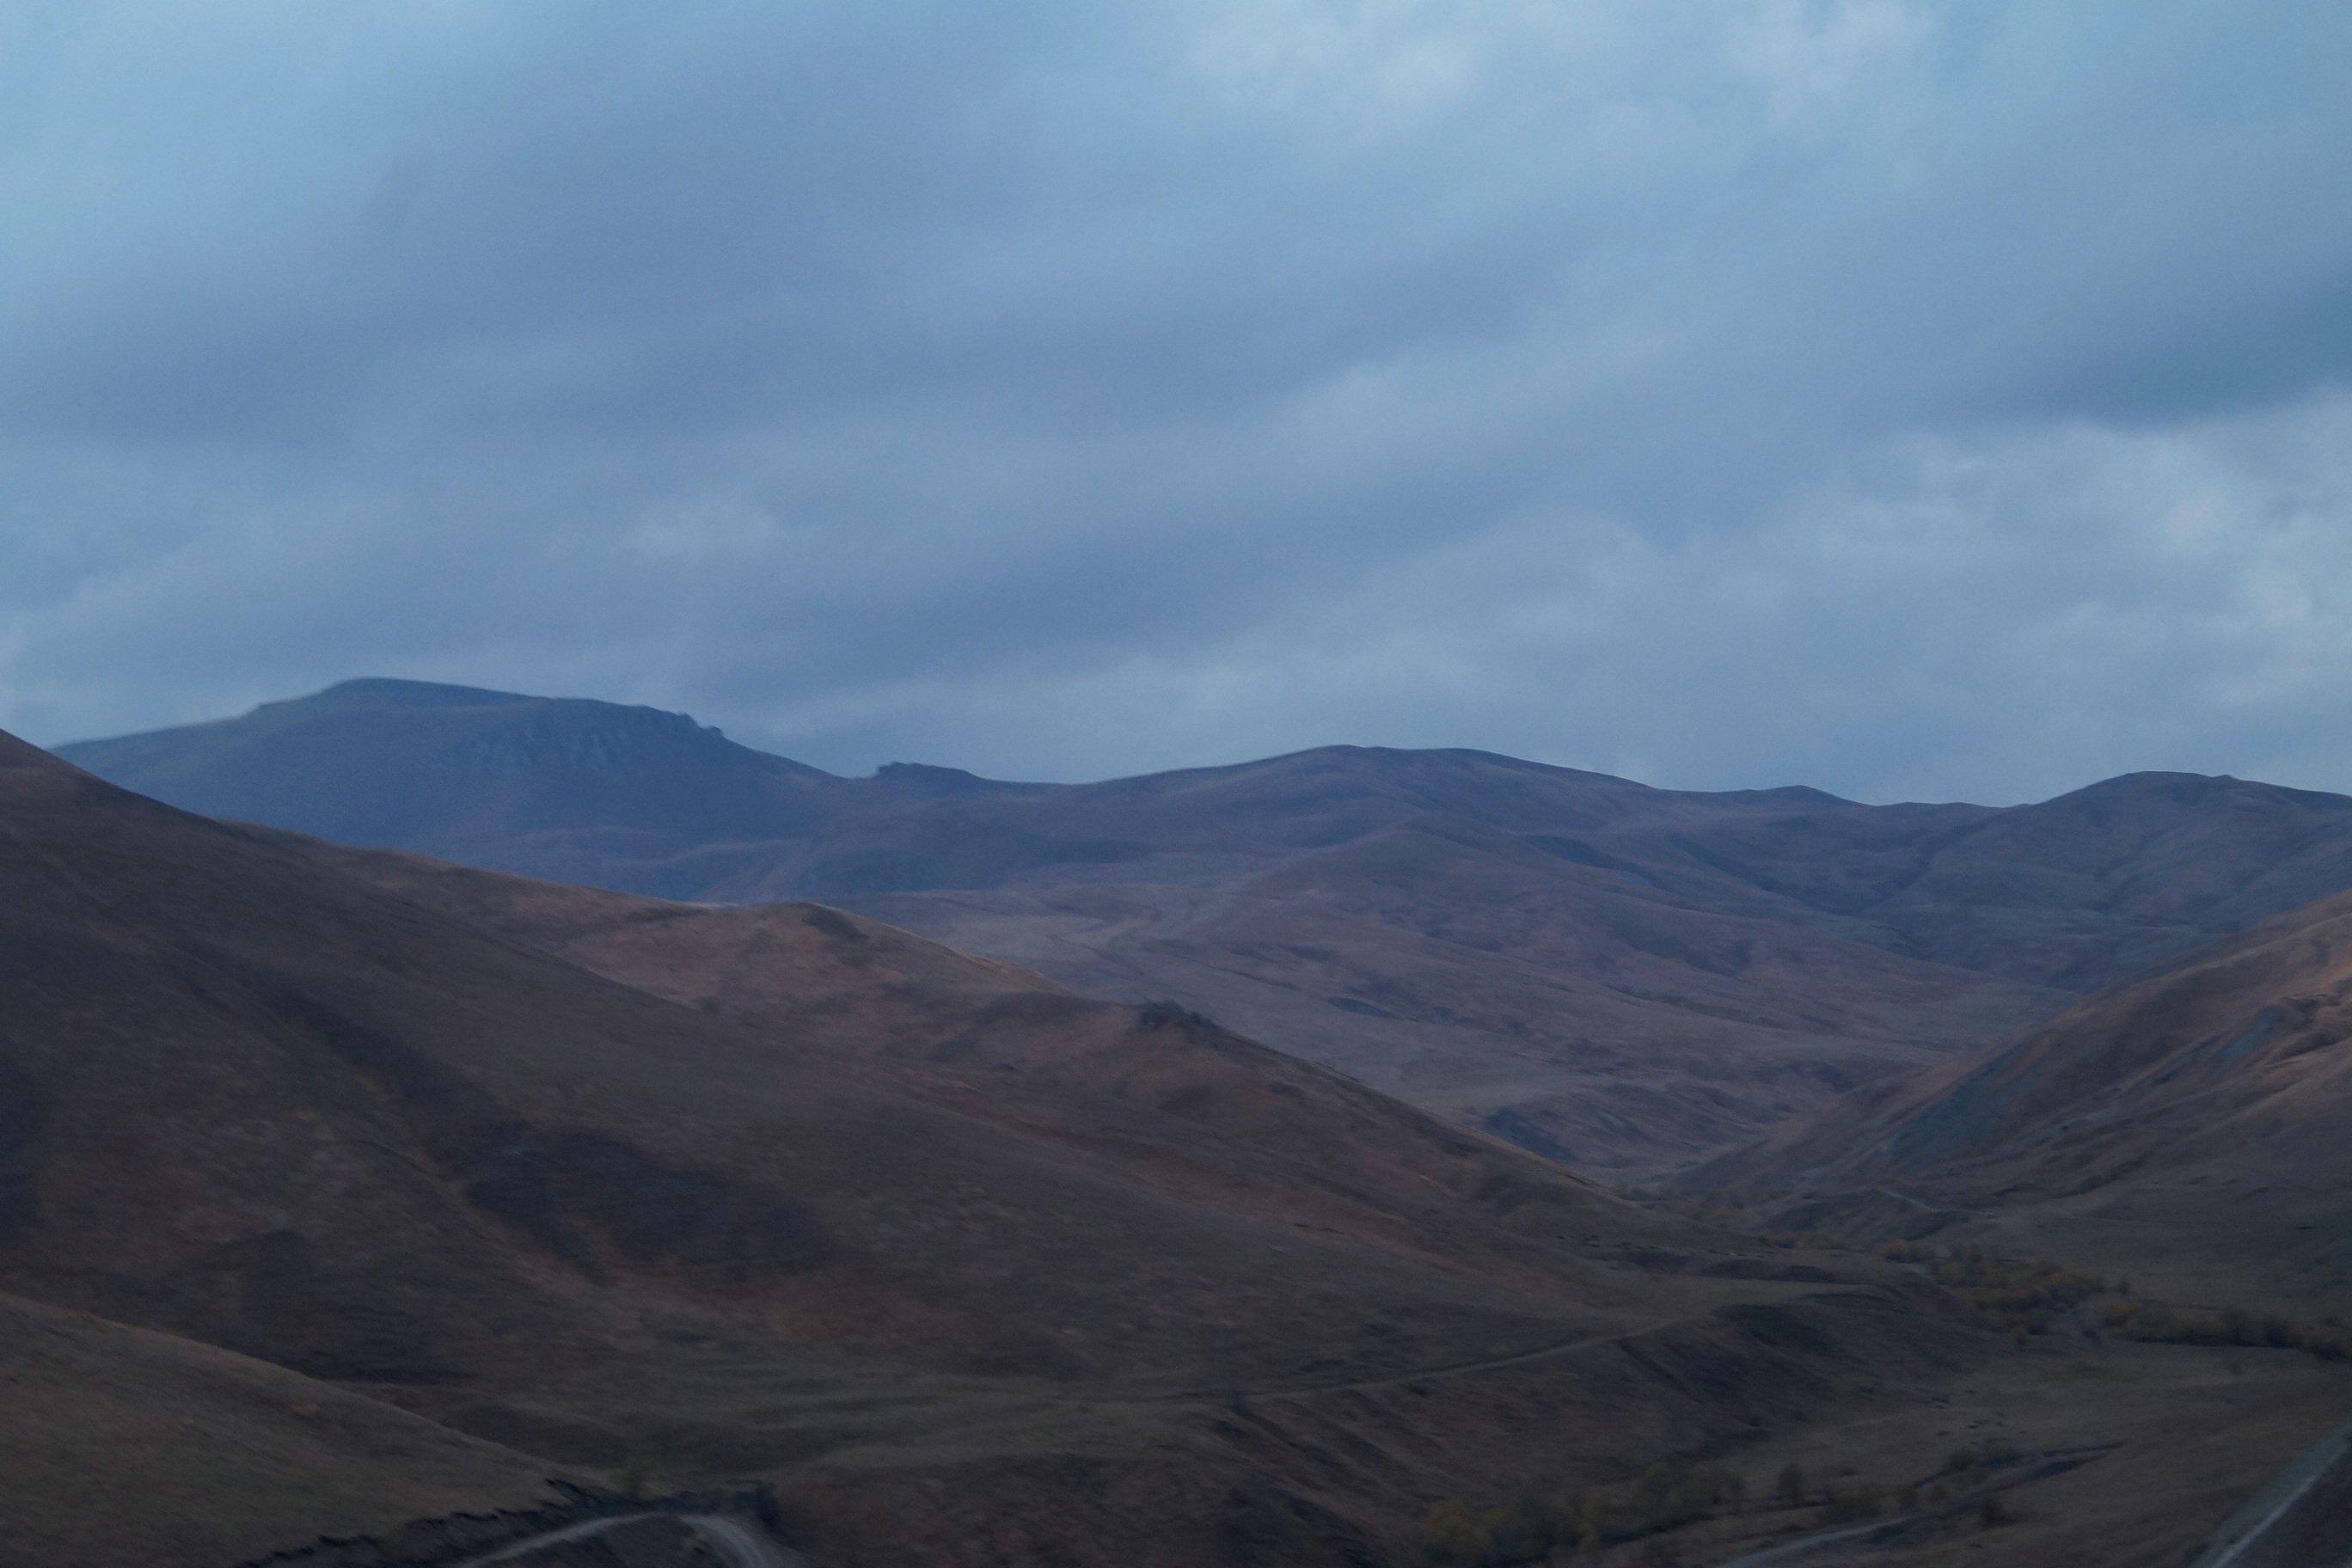 Снова по дорогам Армении (Заметки из солнечного отпуска, день 13)